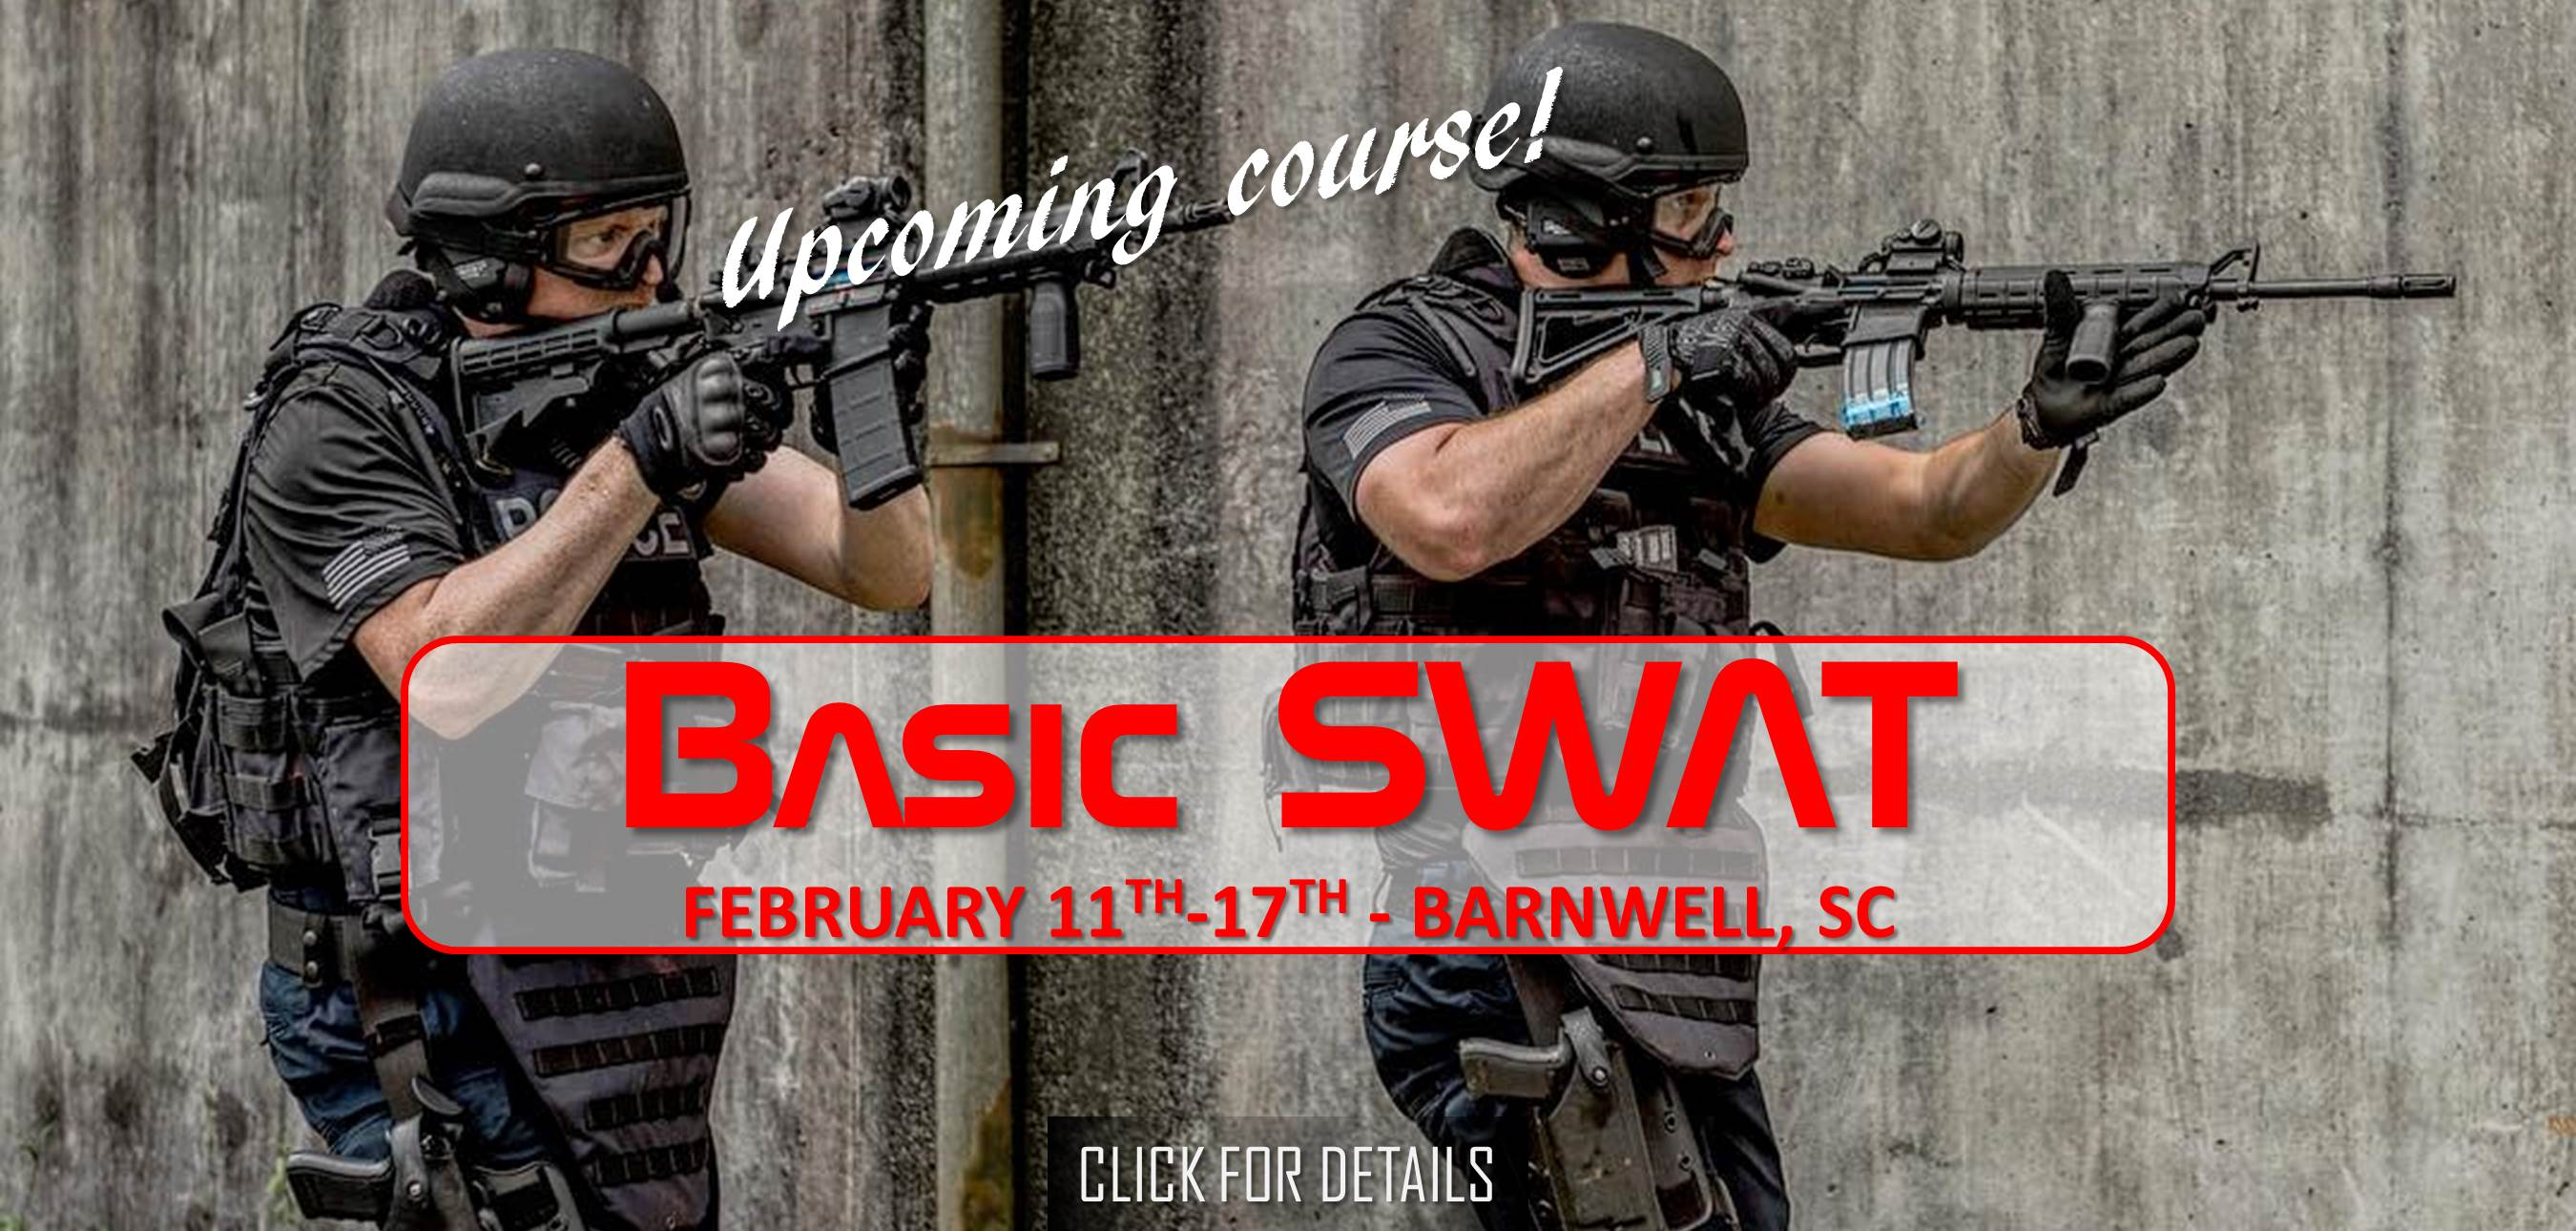 Basic SWAT Course February 11-17 2019